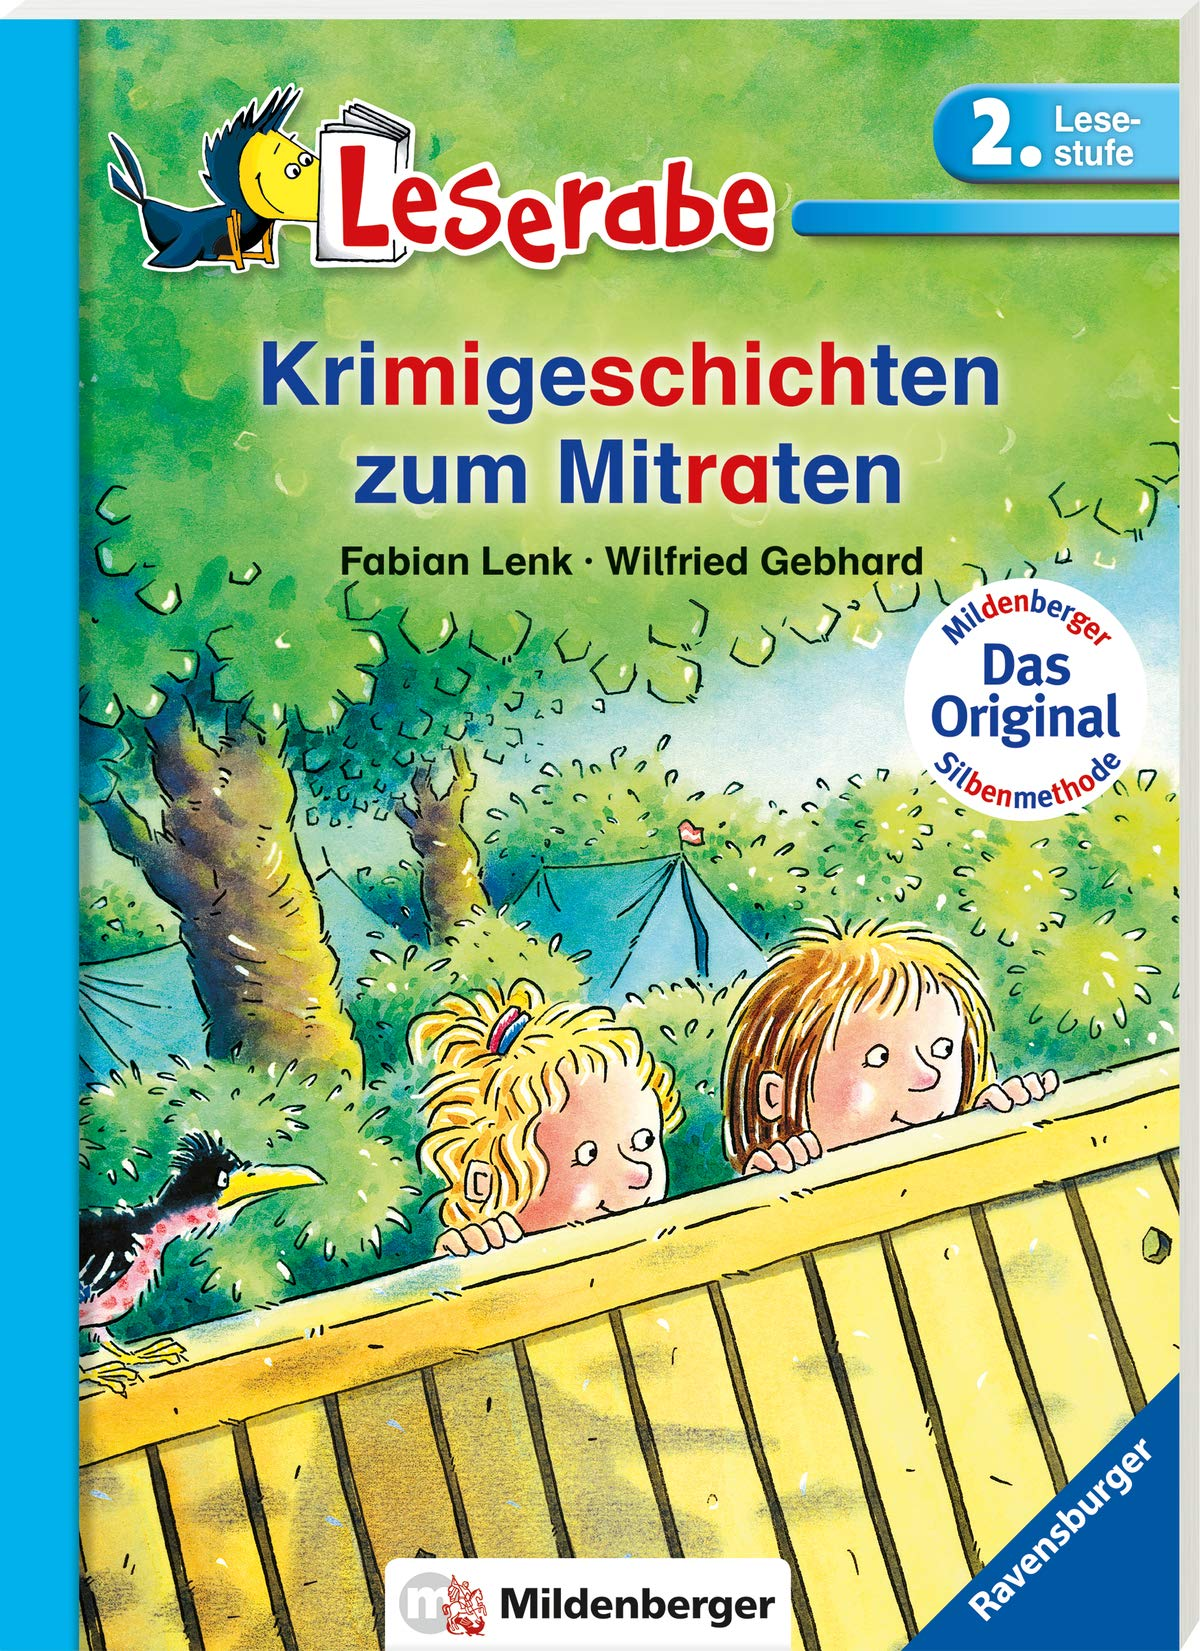 Krimigeschichten Zum Mitraten  Leserabe Mit Mildenberger Silbenmethode